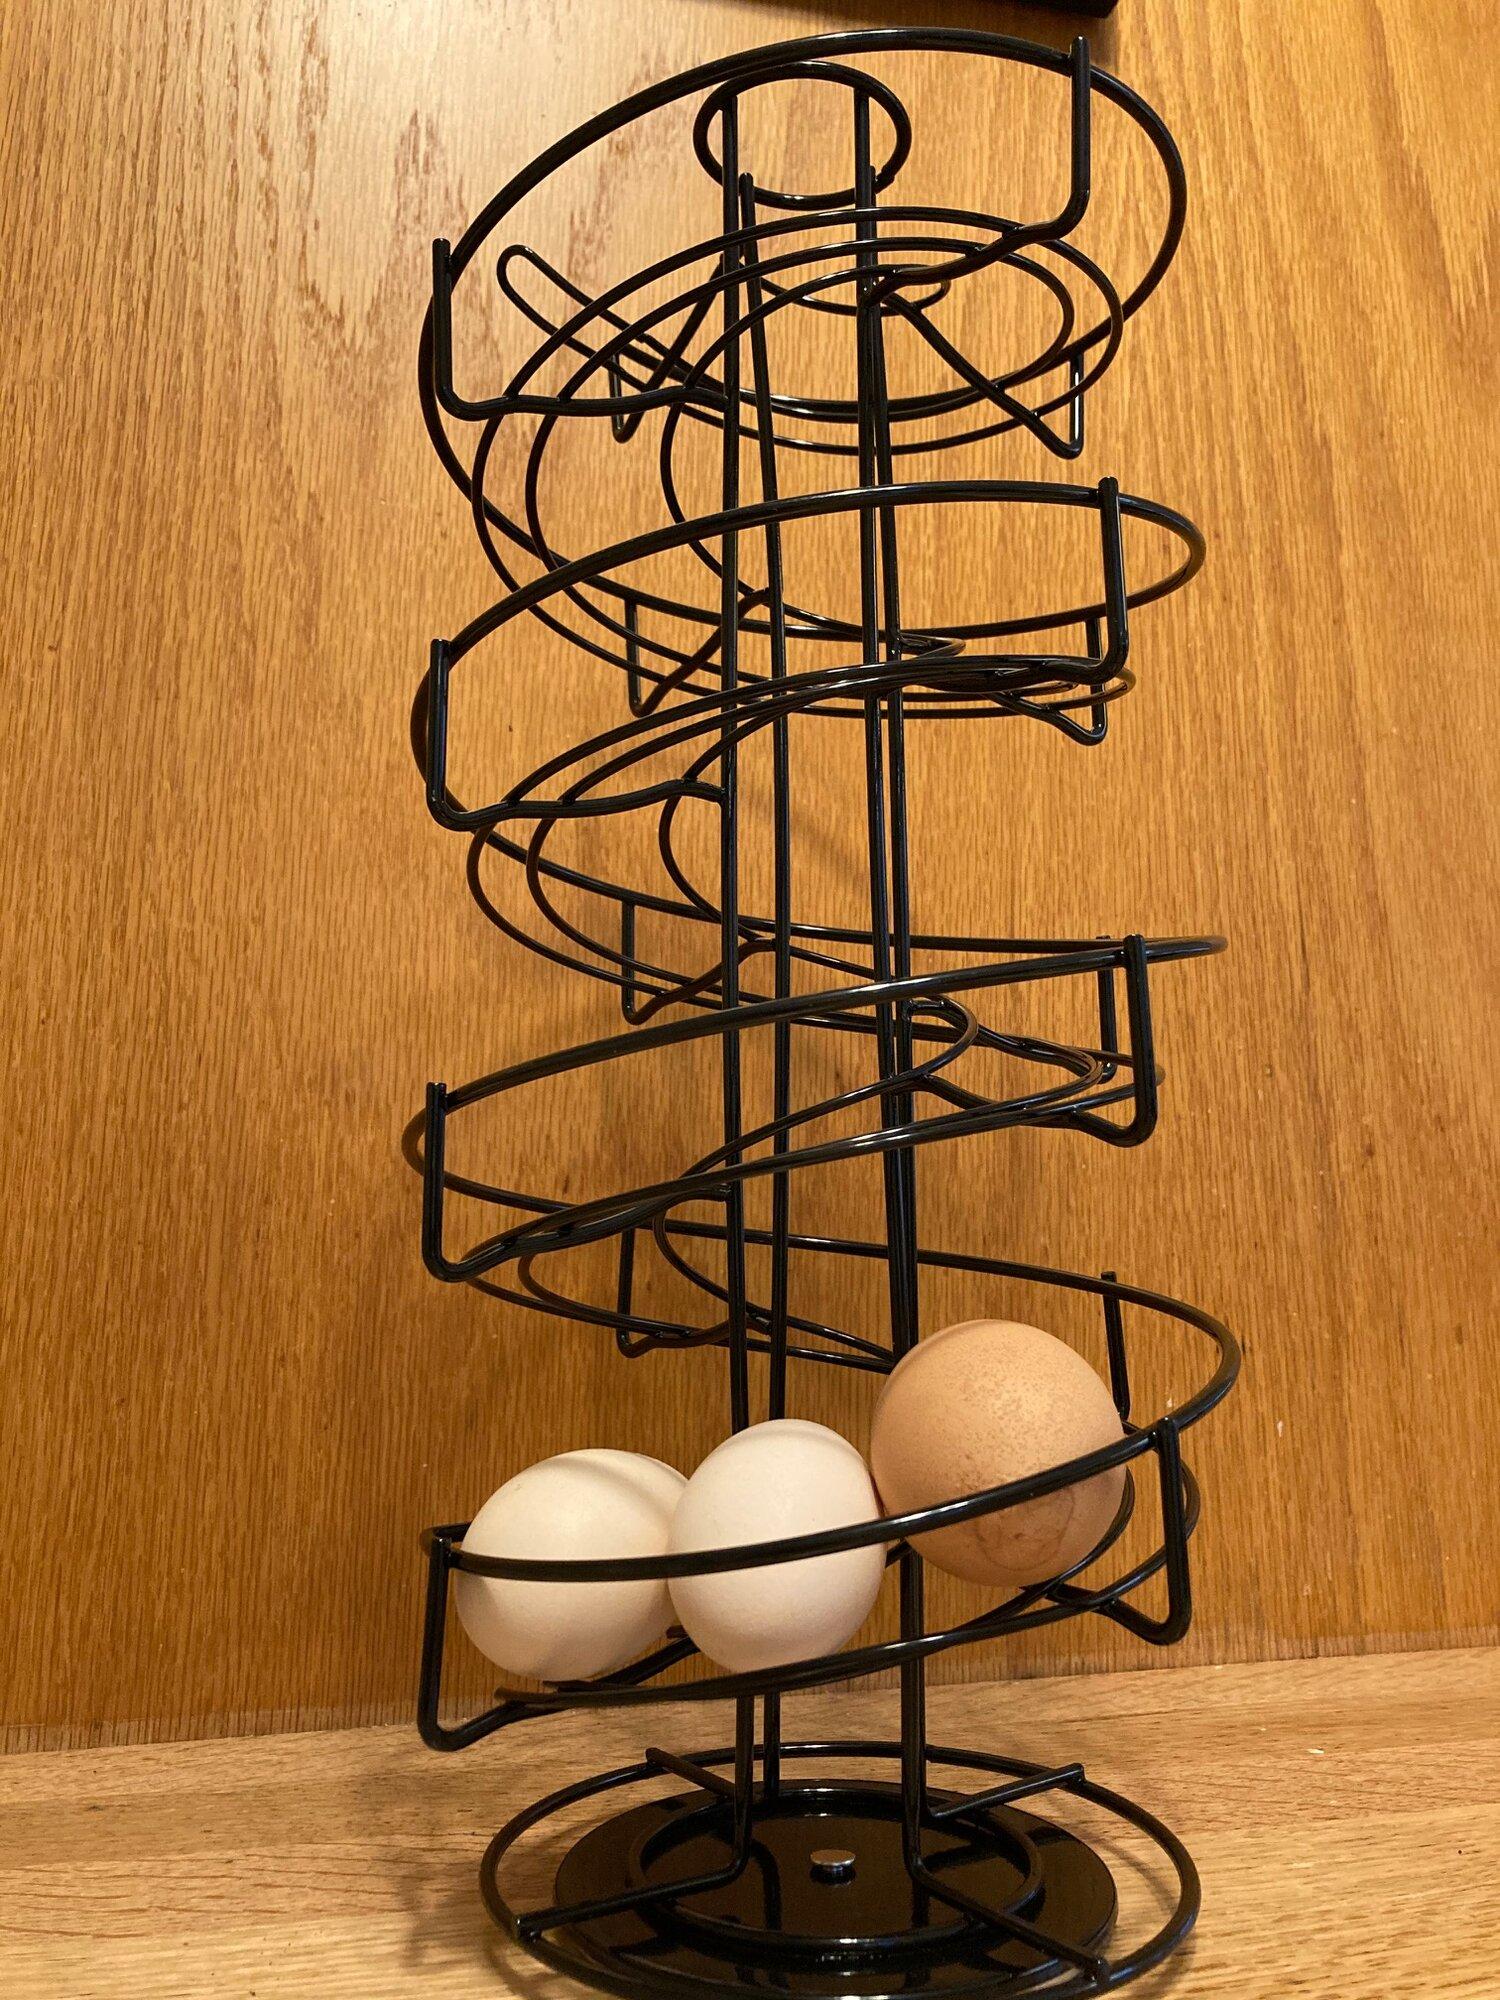 eggs 1-31-21.jpg